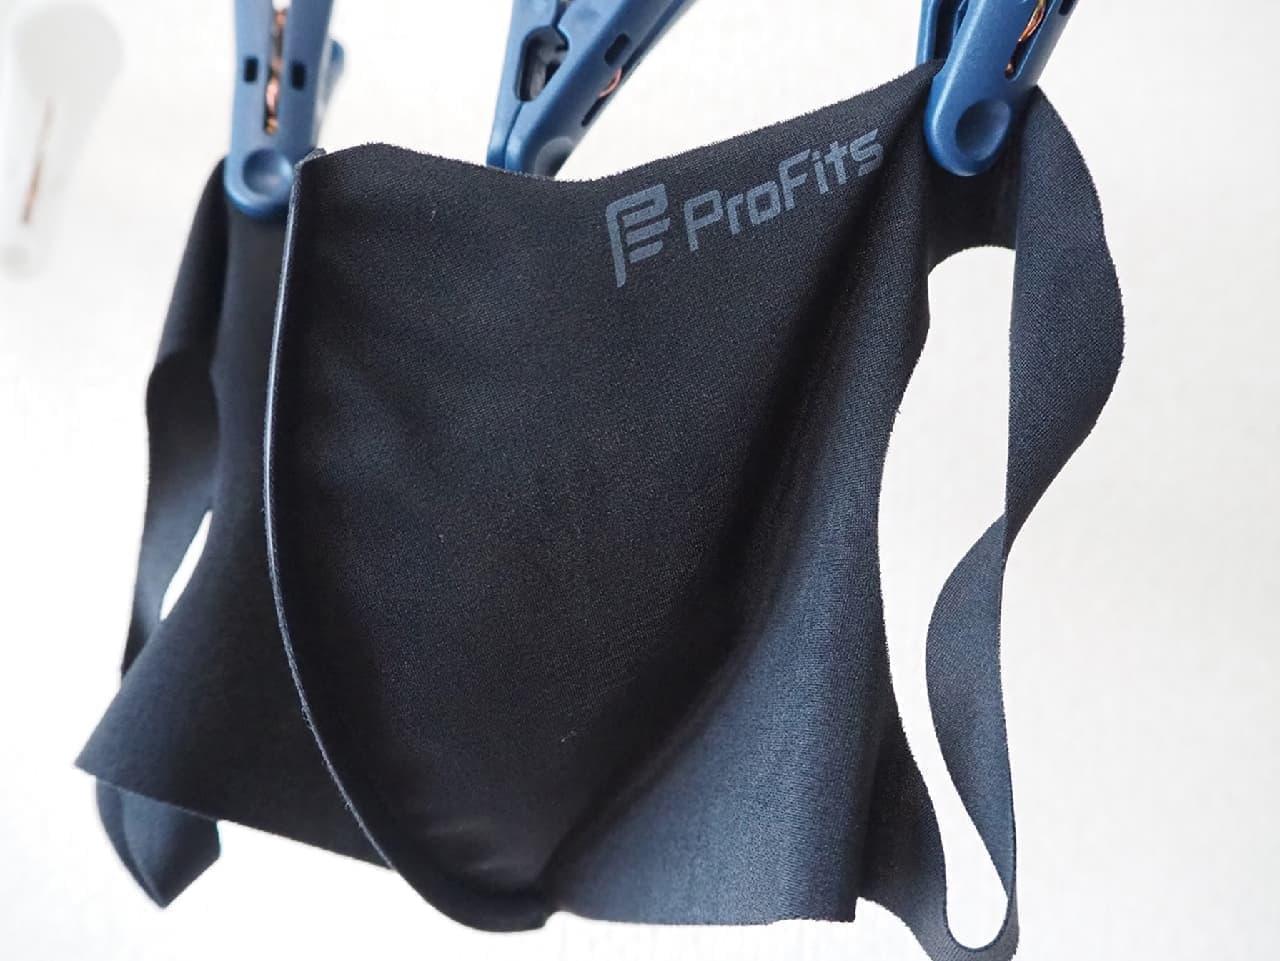 エレキバンのピップからランニング用マスク「プロ・フィッツ ランニングマスク」発売